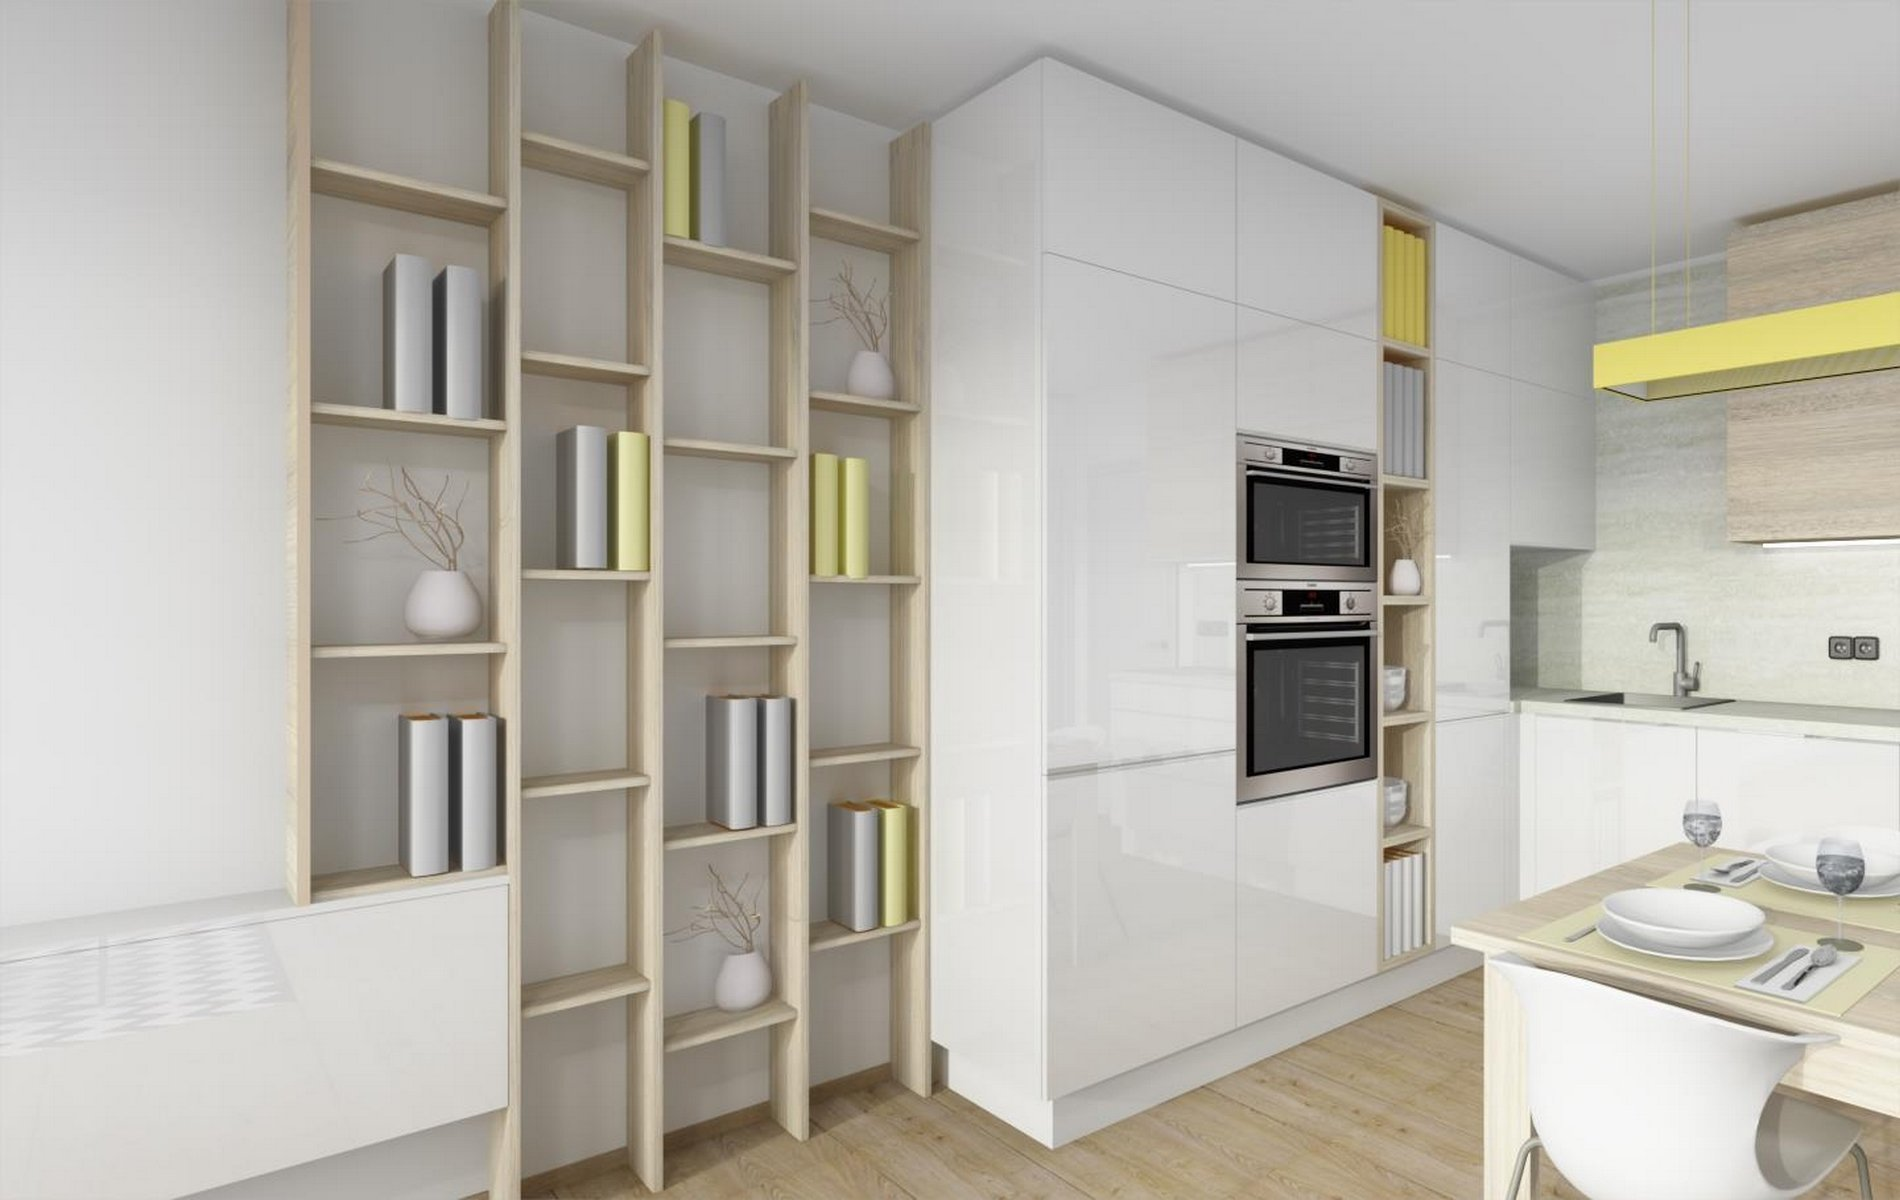 Kuchyňská linka spojená s obývacím pokojem v novostavbě o dispozici 2+kk. Kombinace bílého laku a dřeviny v podob dubu chamoniex.